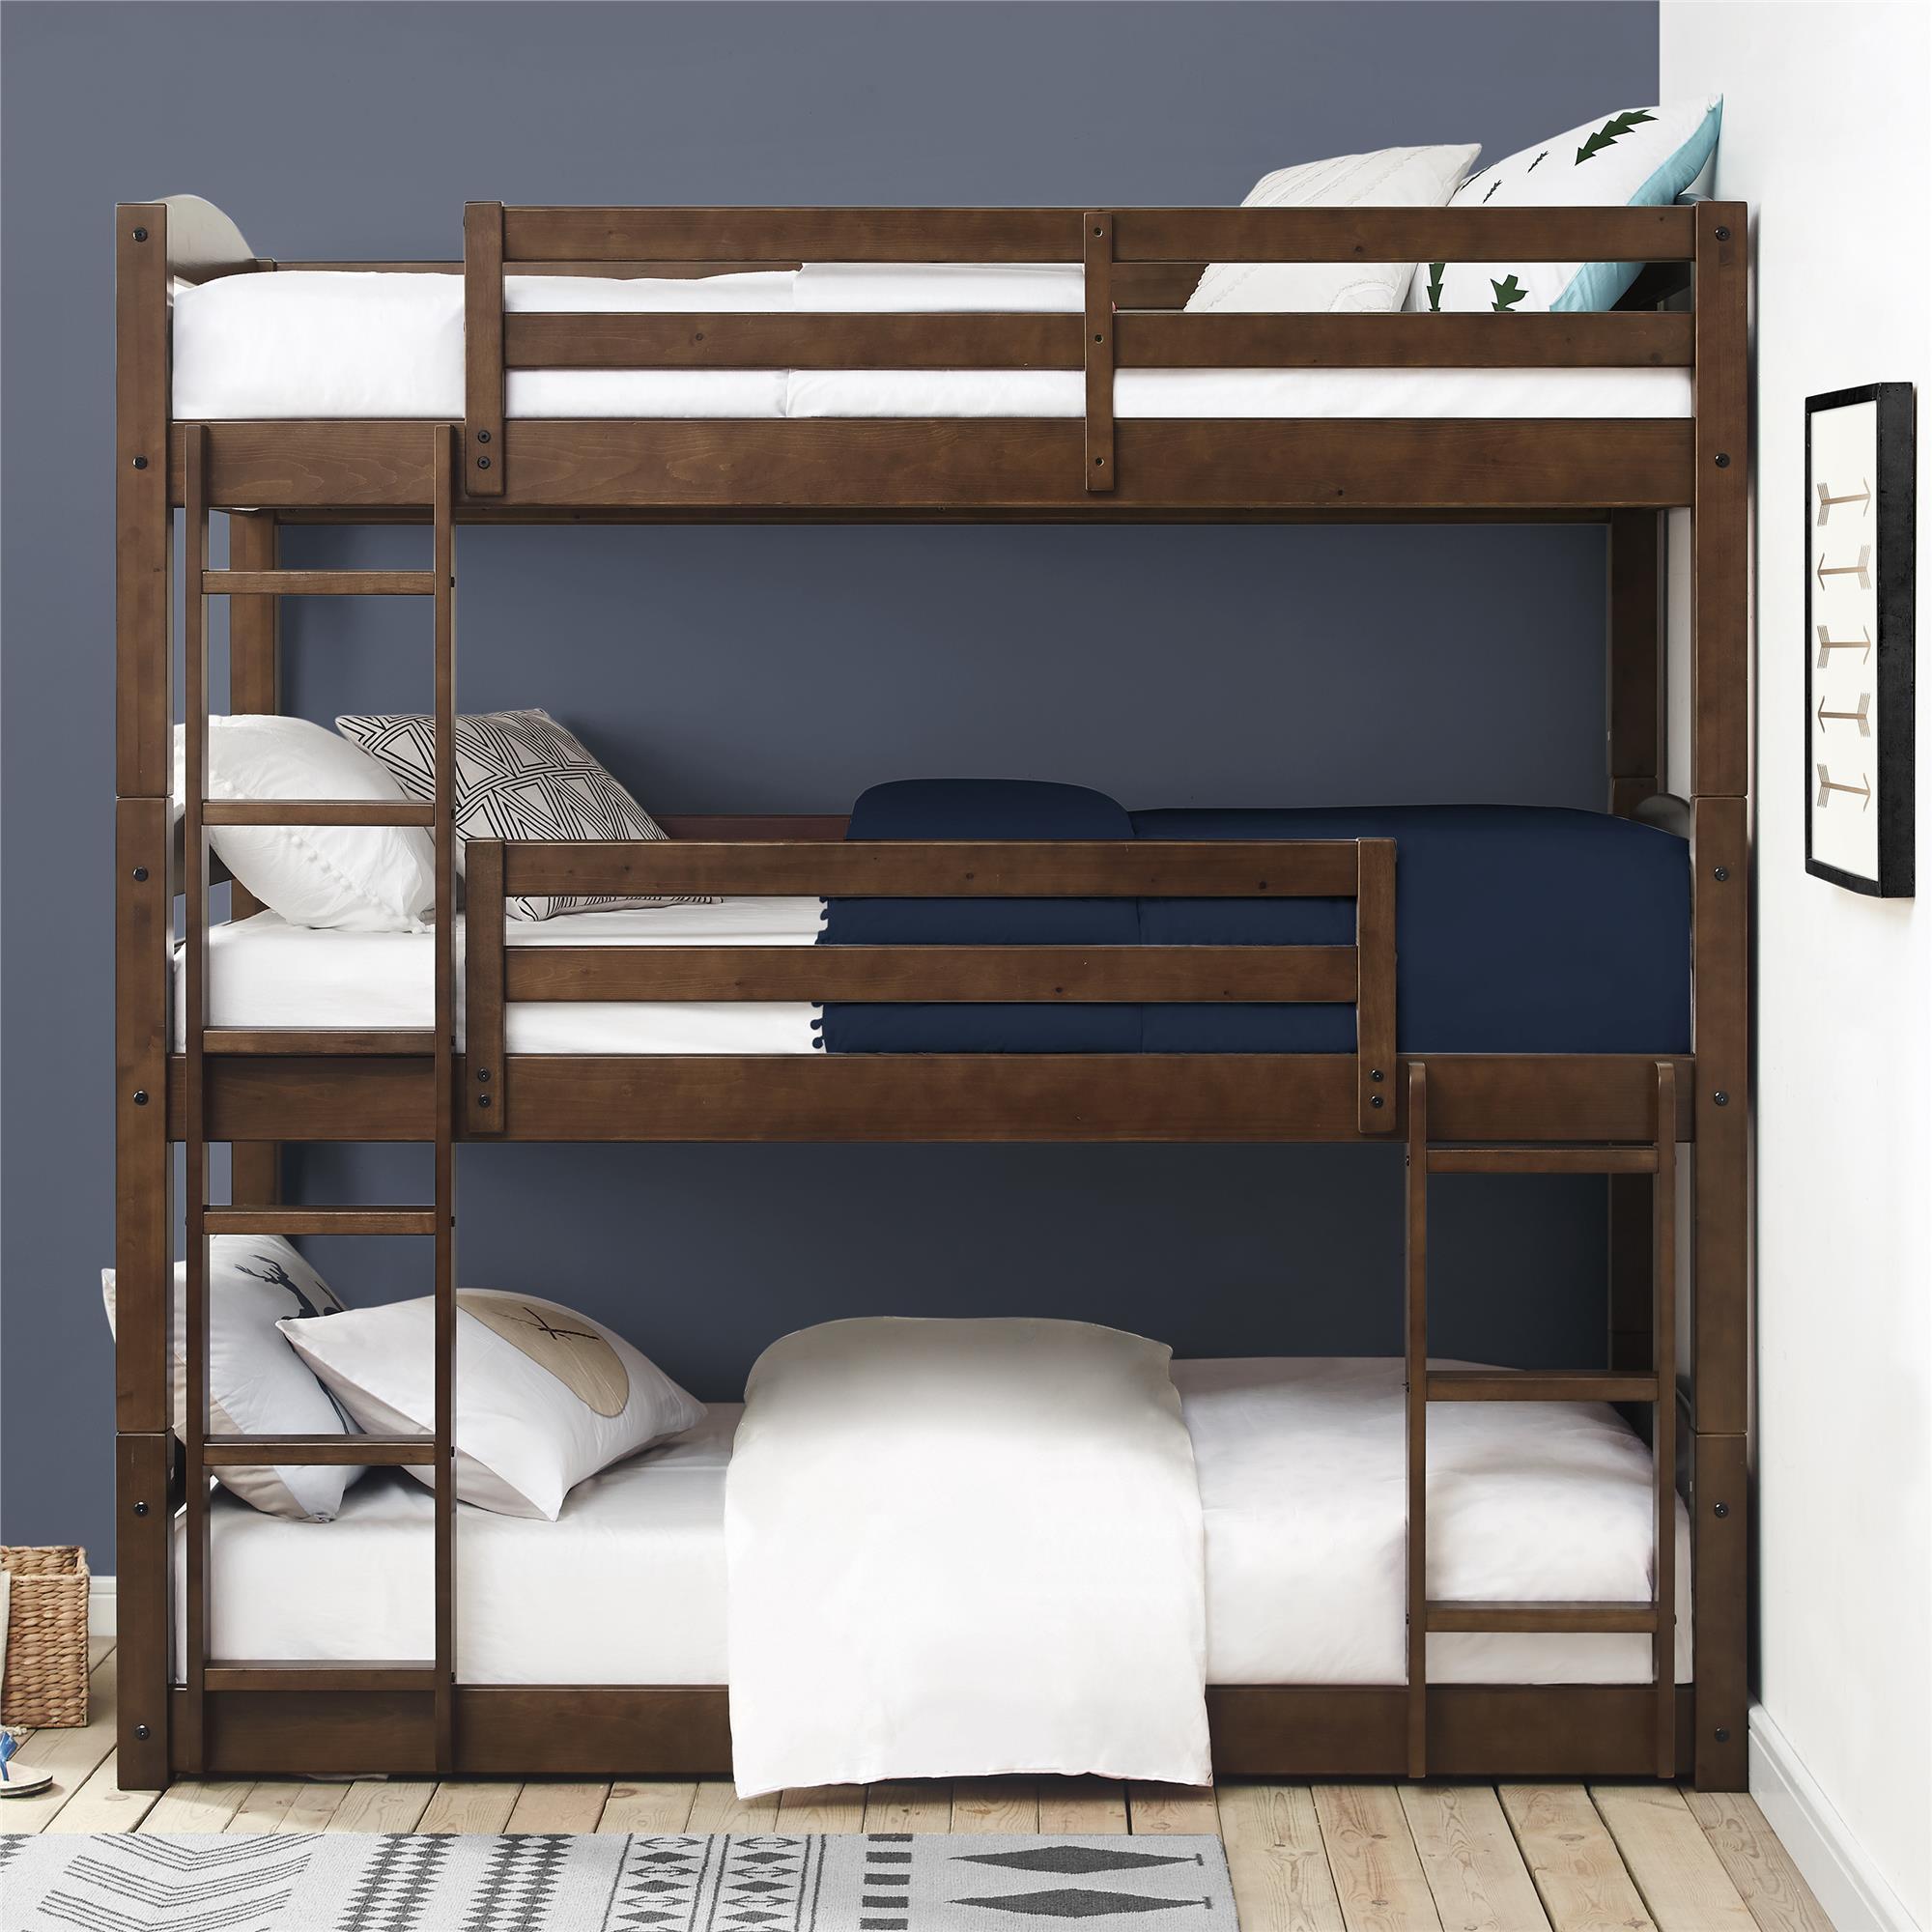 Better Homes & Gardens Tristan Triple Floor Bunk Bed, Multiple